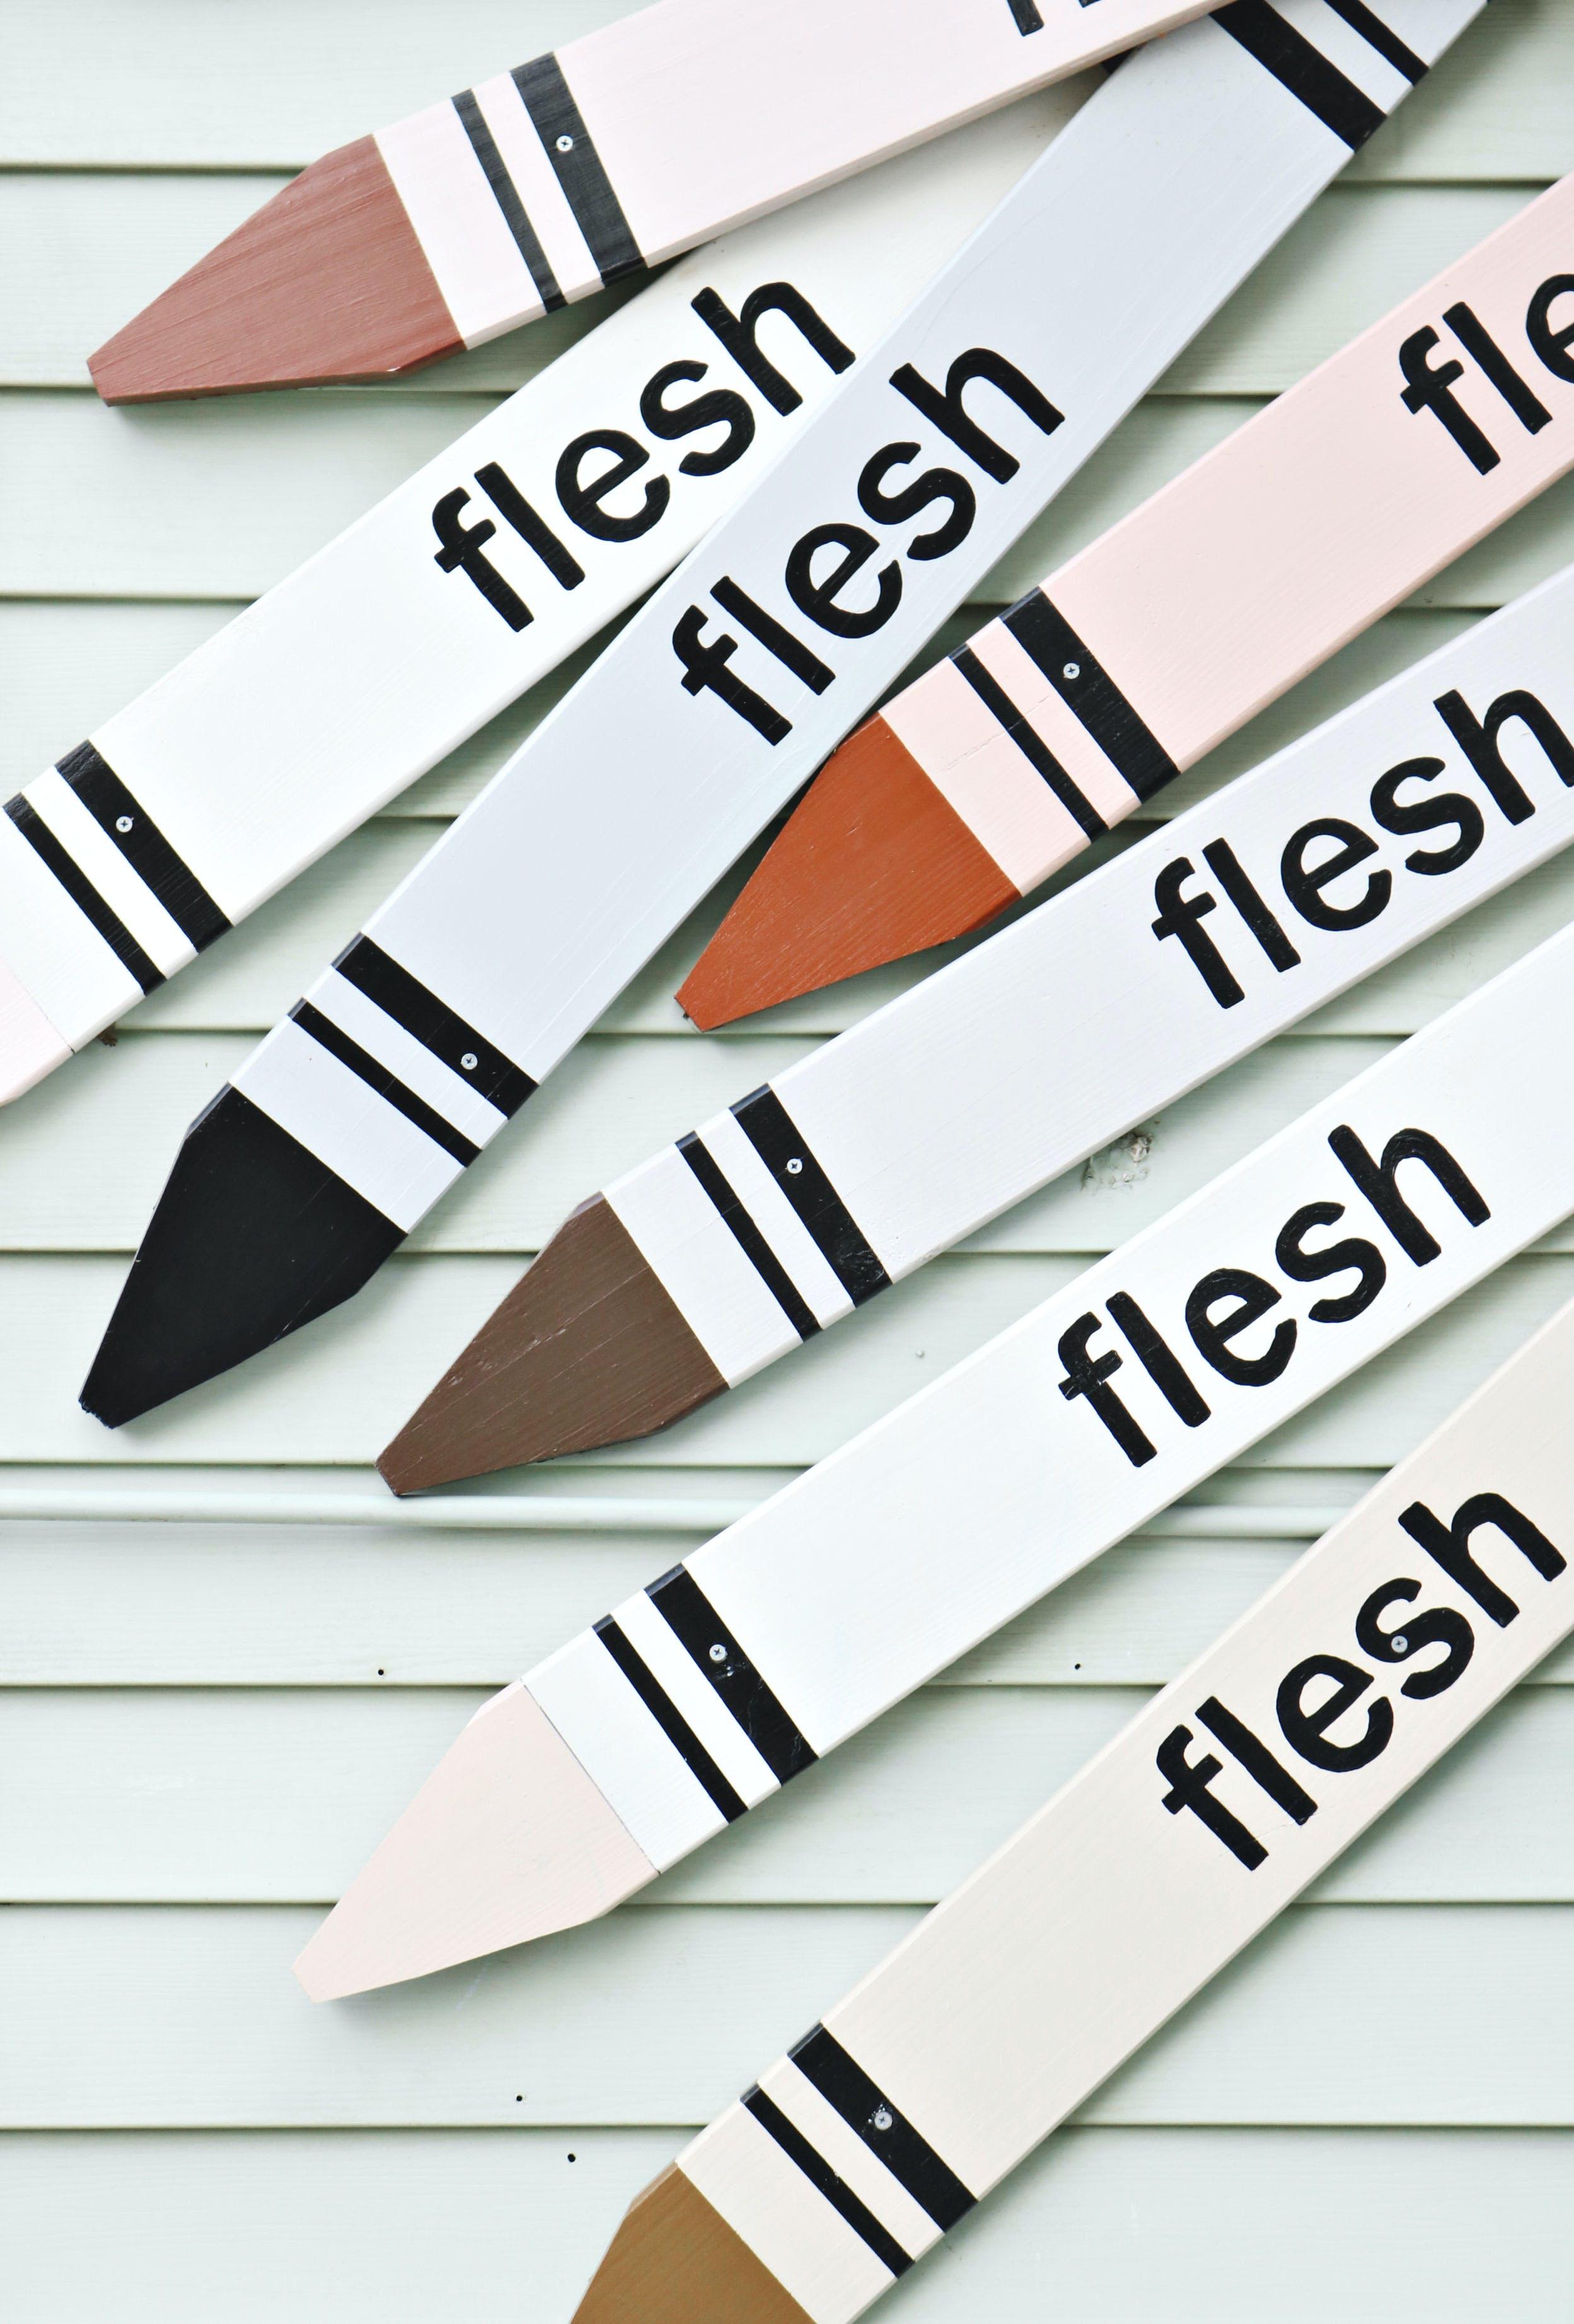 Kostenloses Stock Foto zu begrifflich, farben, fleisch, fokus